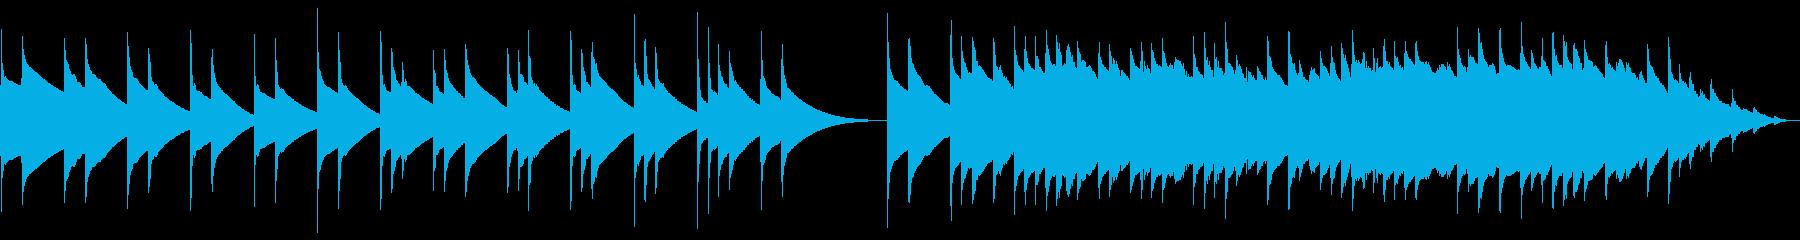 (60秒)哀愁漂うチェレスタオルゴール曲の再生済みの波形